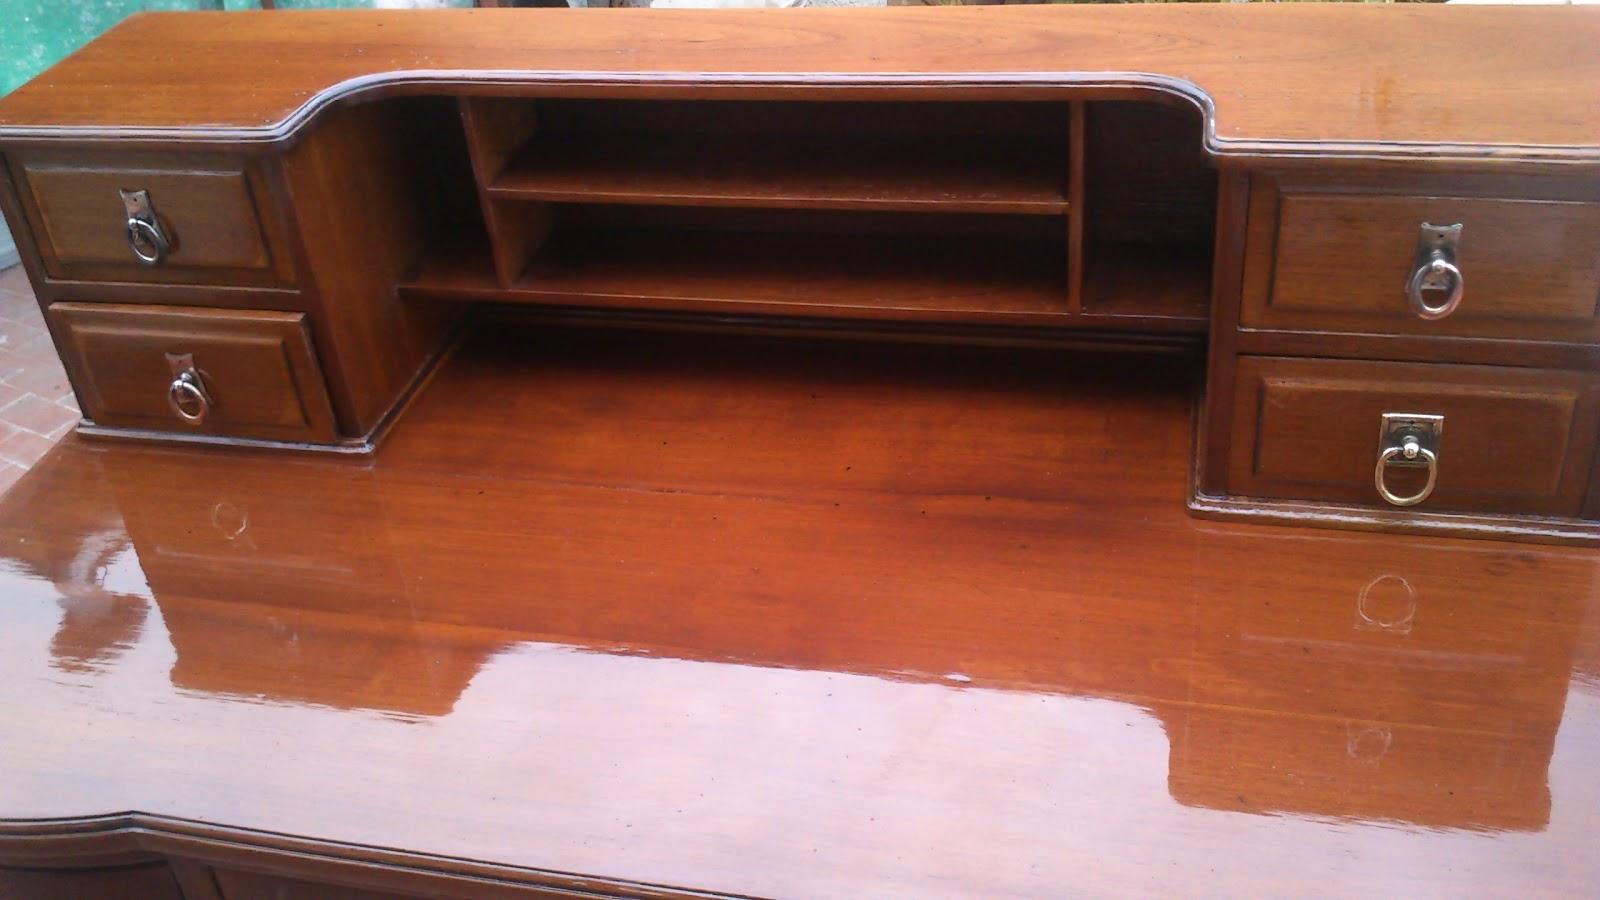 Los restauradores anes y despues secreter unico color - Restauradores de muebles ...